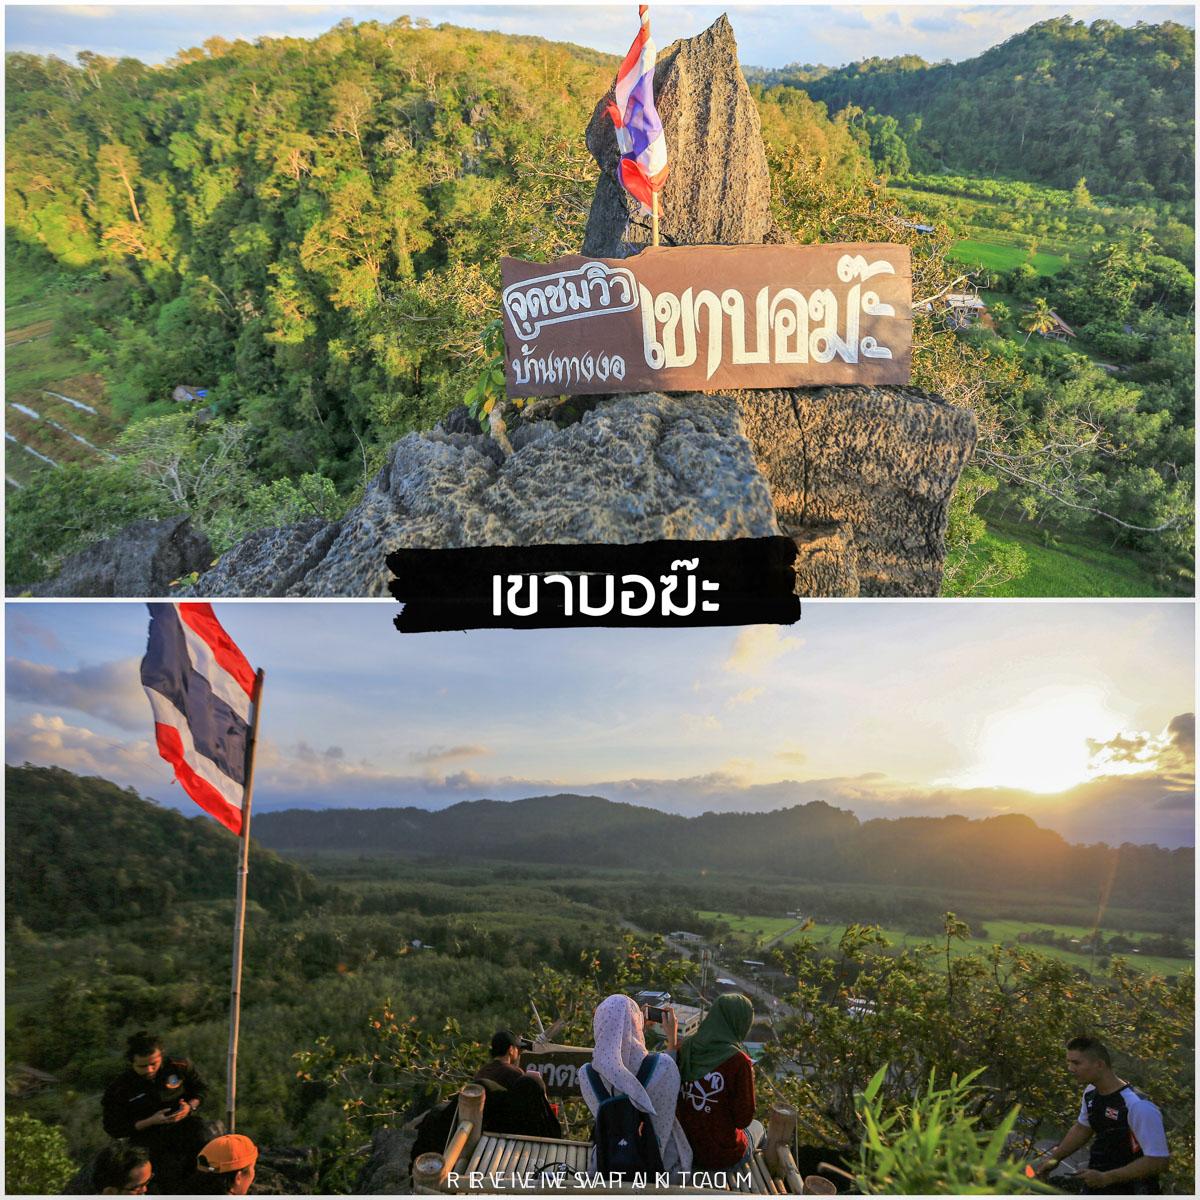 เขาบอฆ๊ะ ชมทะเลหมอกในแสงแรงของวันและกิจกรรมปีนผาภูเขาหินปูนที่เกิดขึ้นตามธรรมชาติ รายละเอียด คลิก จุดเช็คอิน,หลีเป๊ะ,สตูลสดยกกำลังสาม,satunwonderland,เที่ยวเมืองไทยAmazingกว่าเดิม,ชีพจรลงSouth